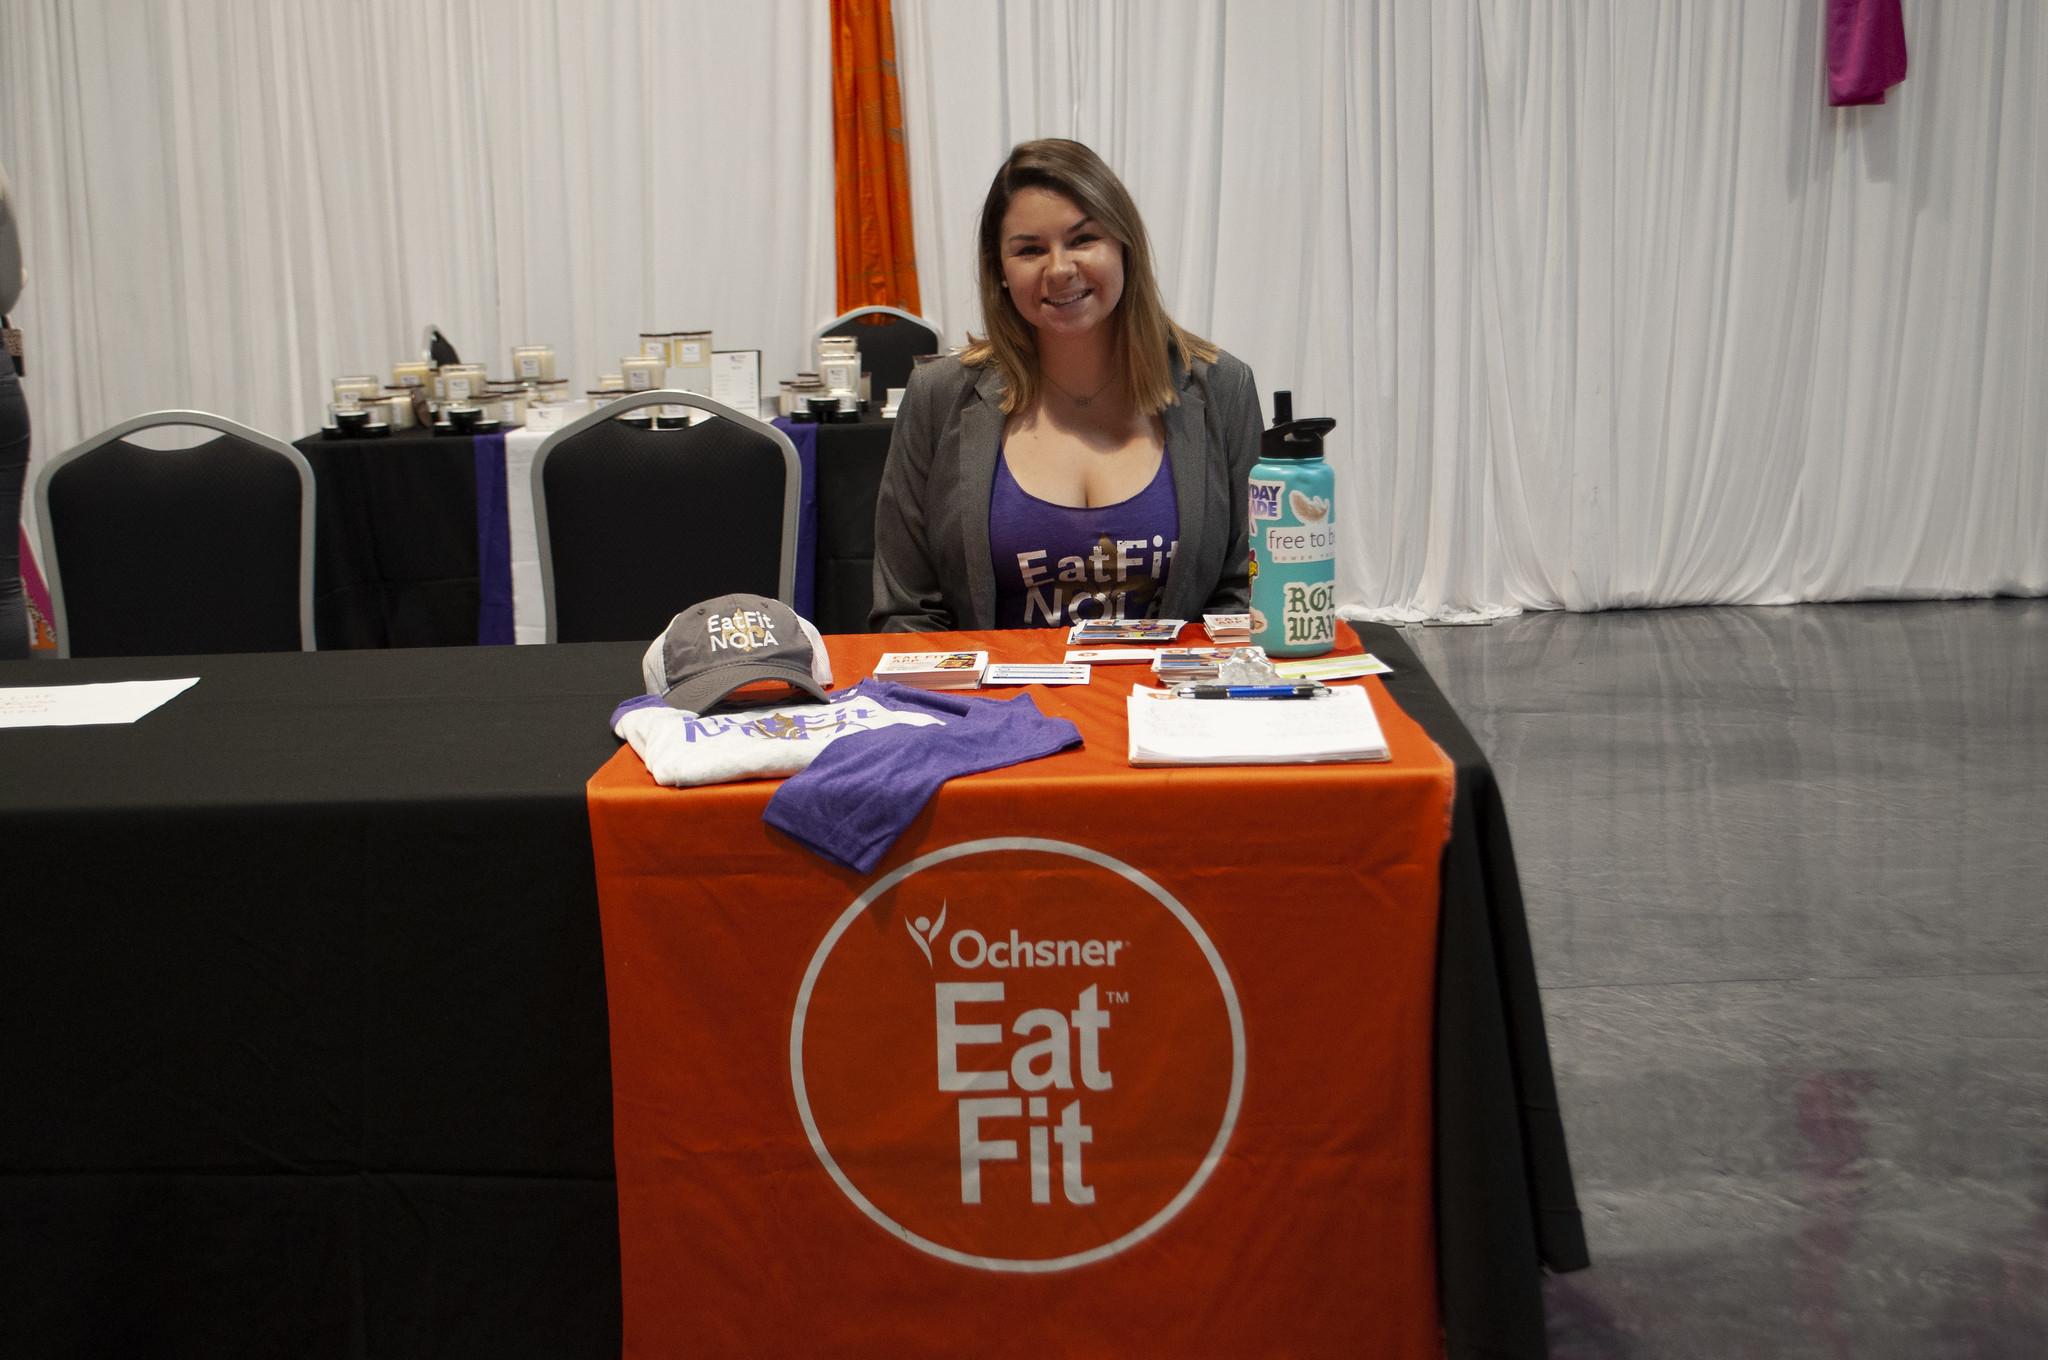 Ochsner Eat Fit